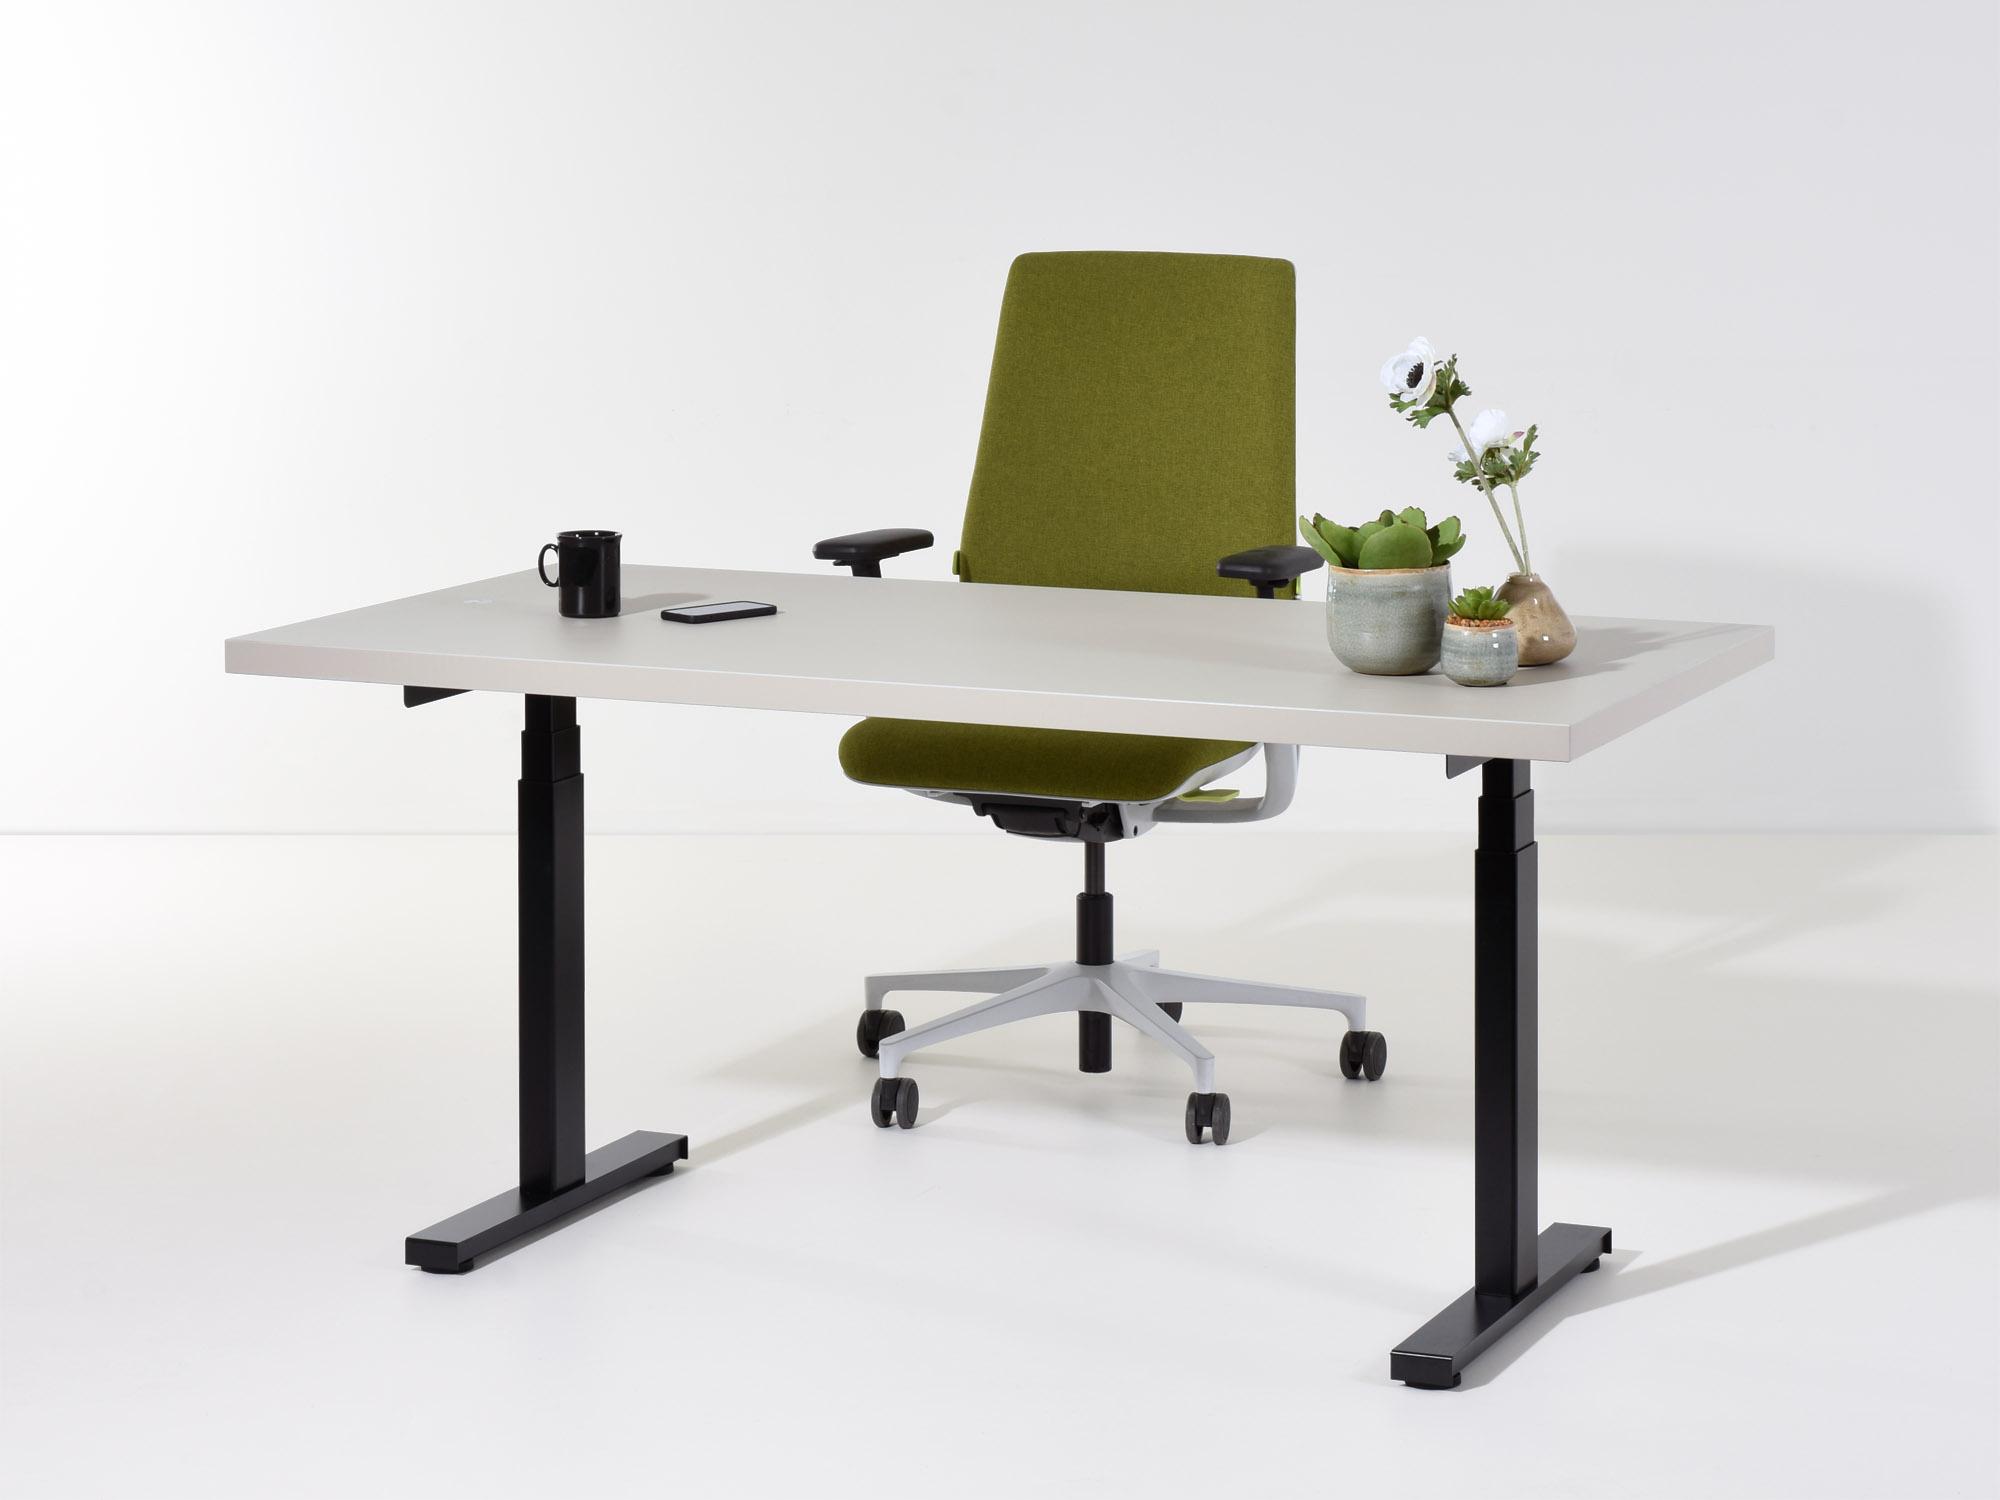 Castelijn ZS - Design by Coen Castelijn